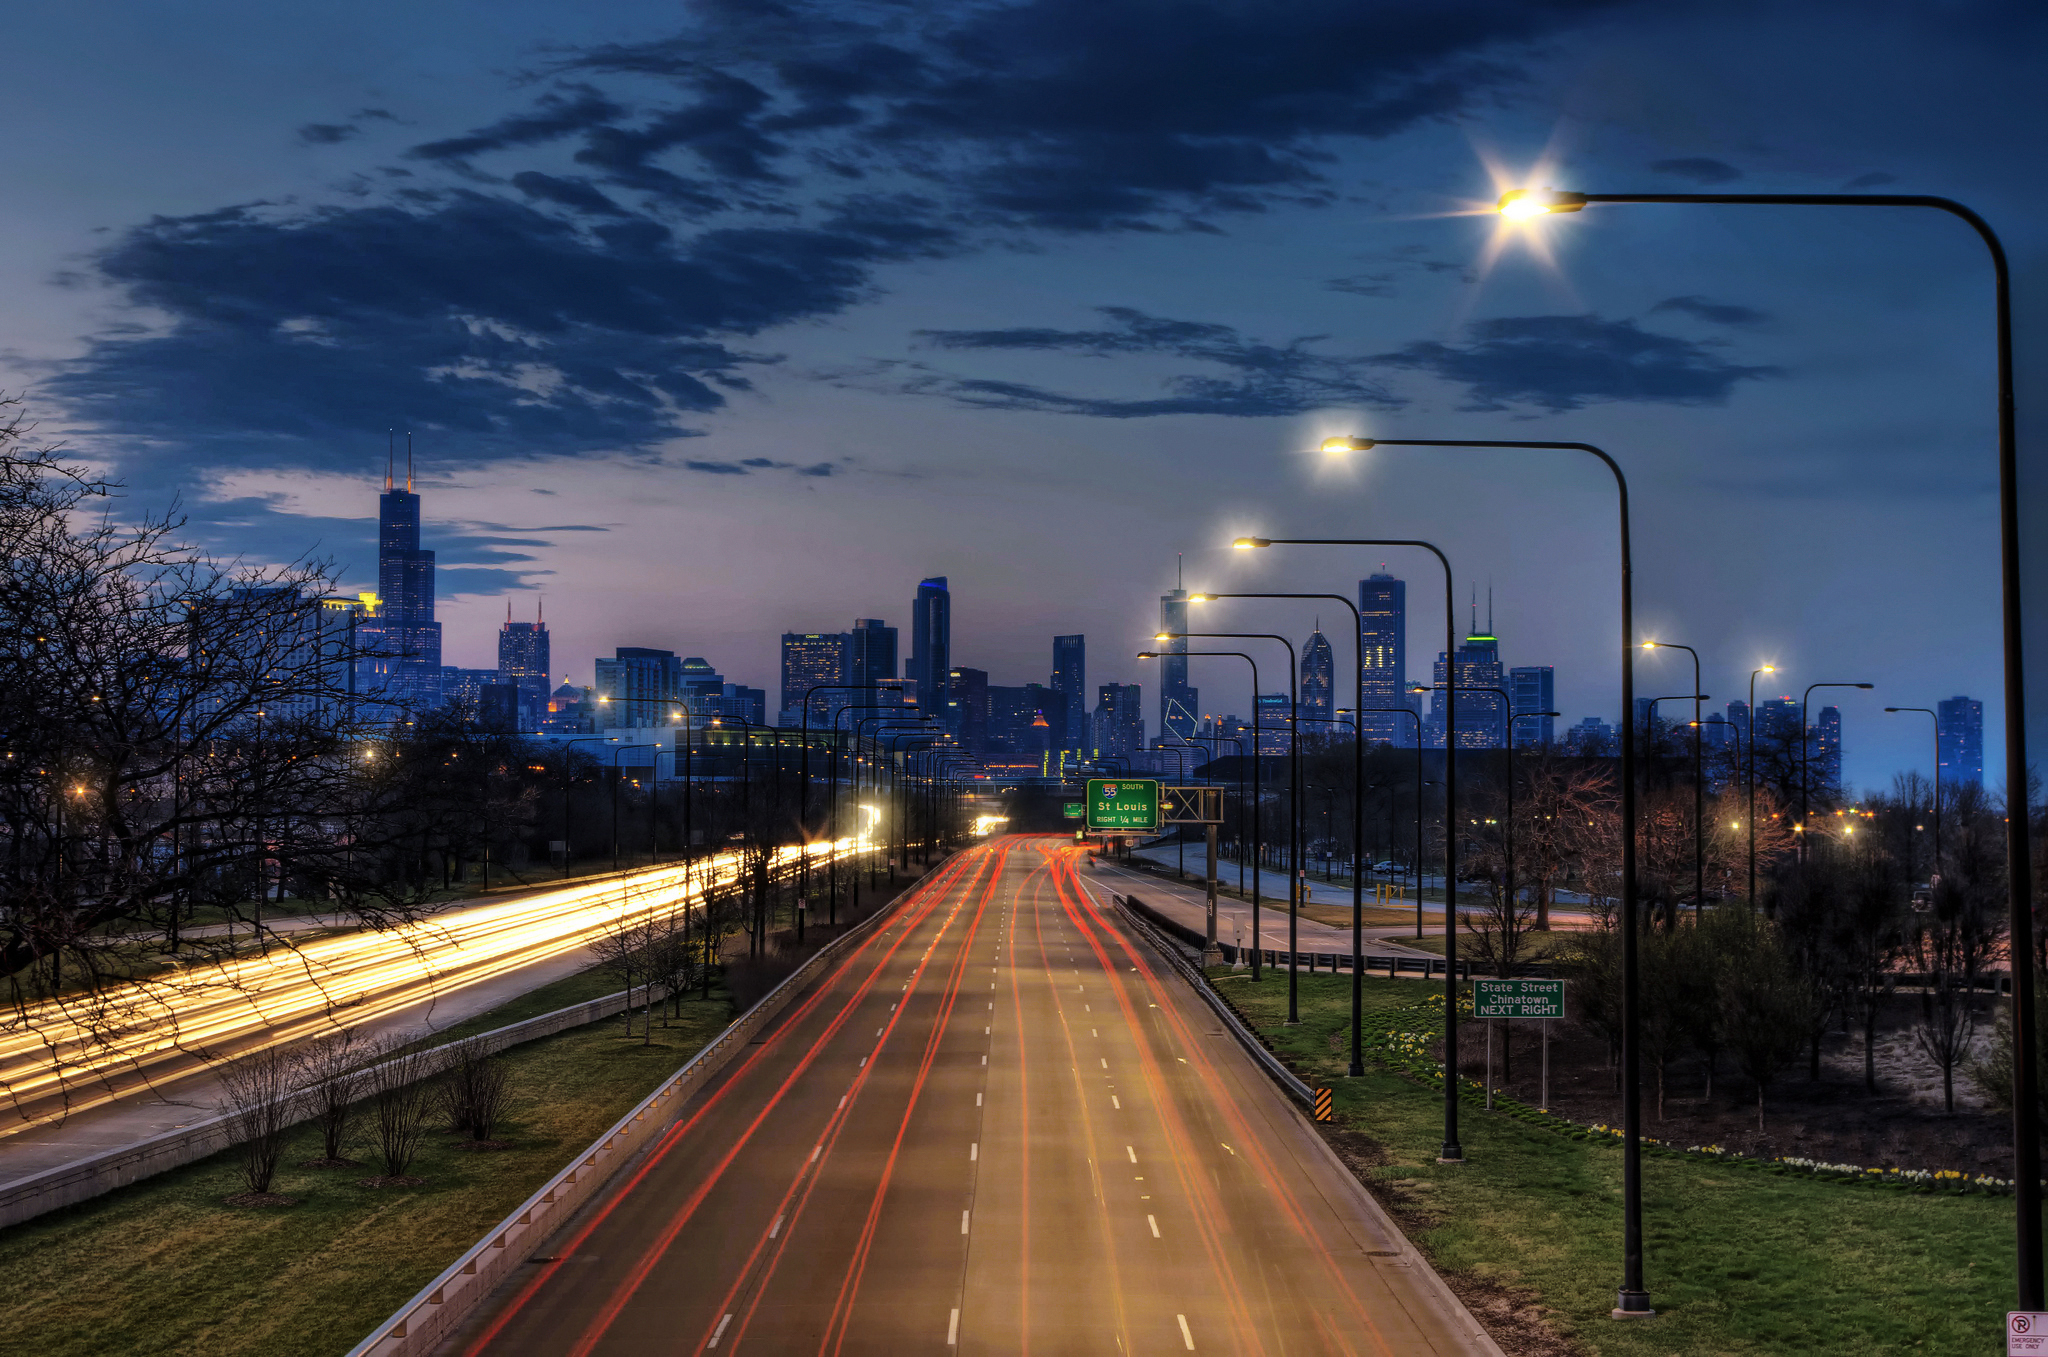 дорога развилка огни город вечер скачать